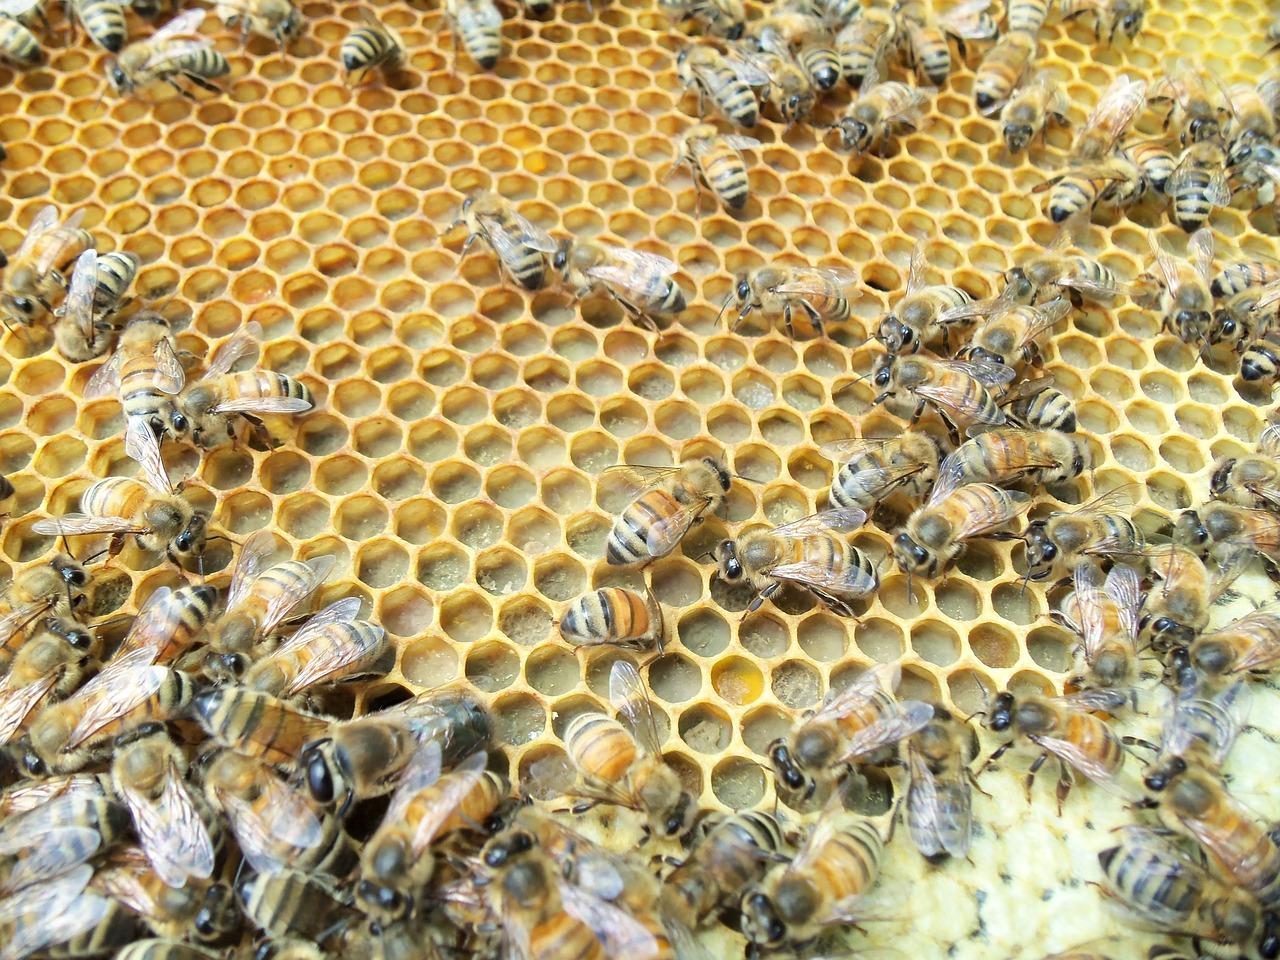 Забрус пчелиный: что это такое, лечебные свойства, как применять, вред и польза